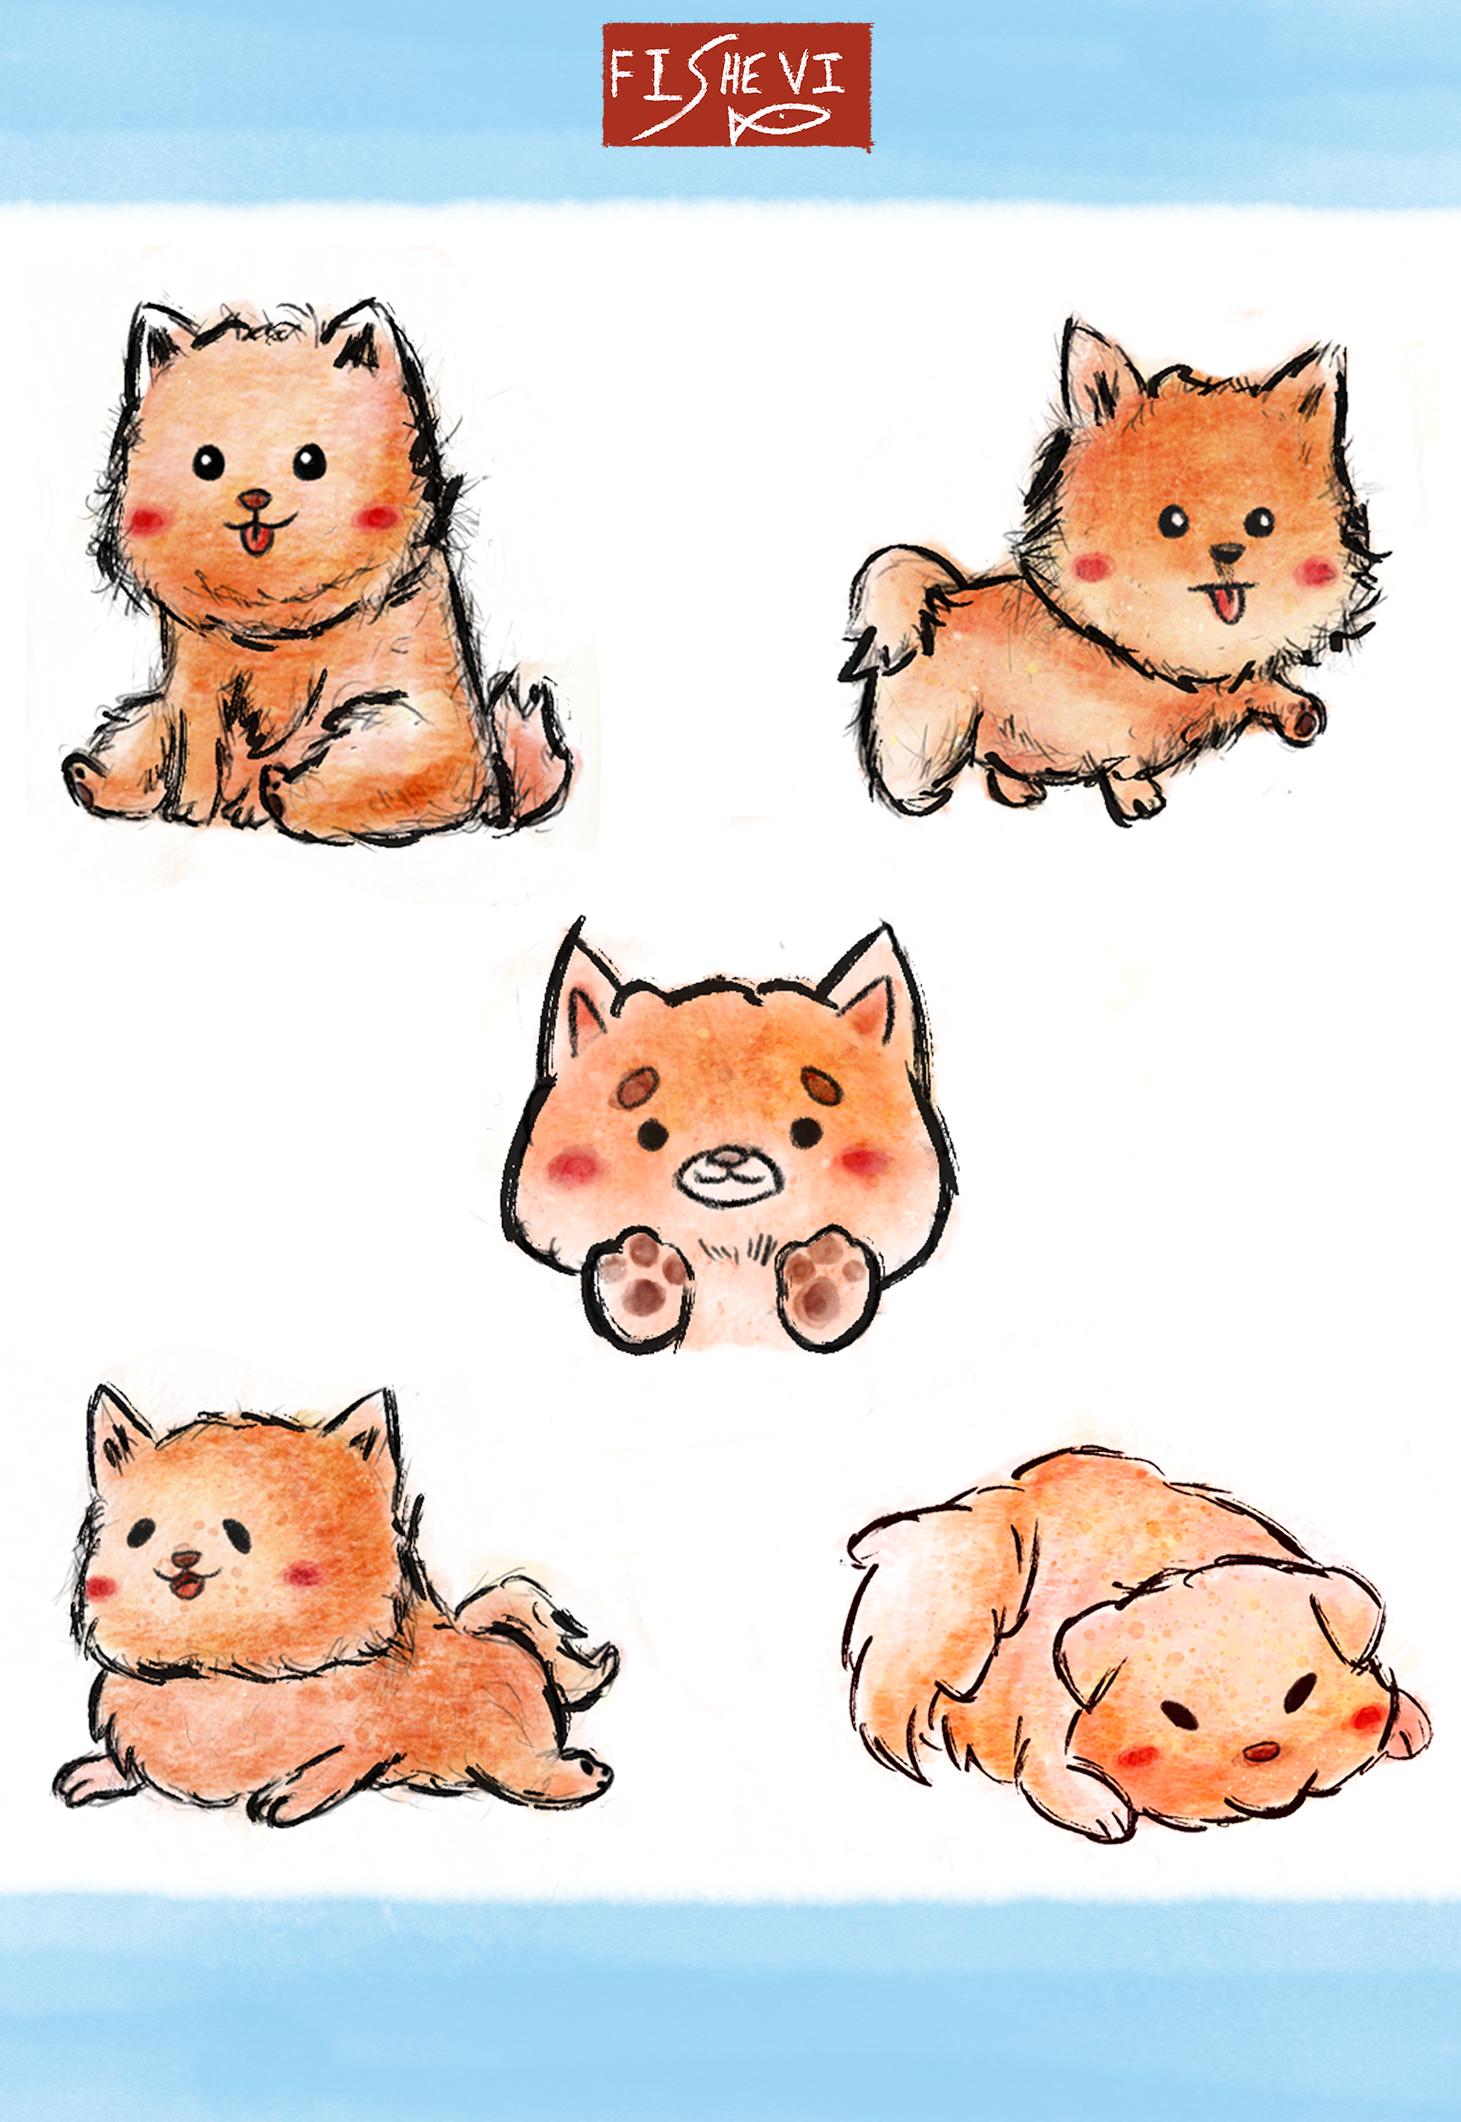 fishevi/Dogo